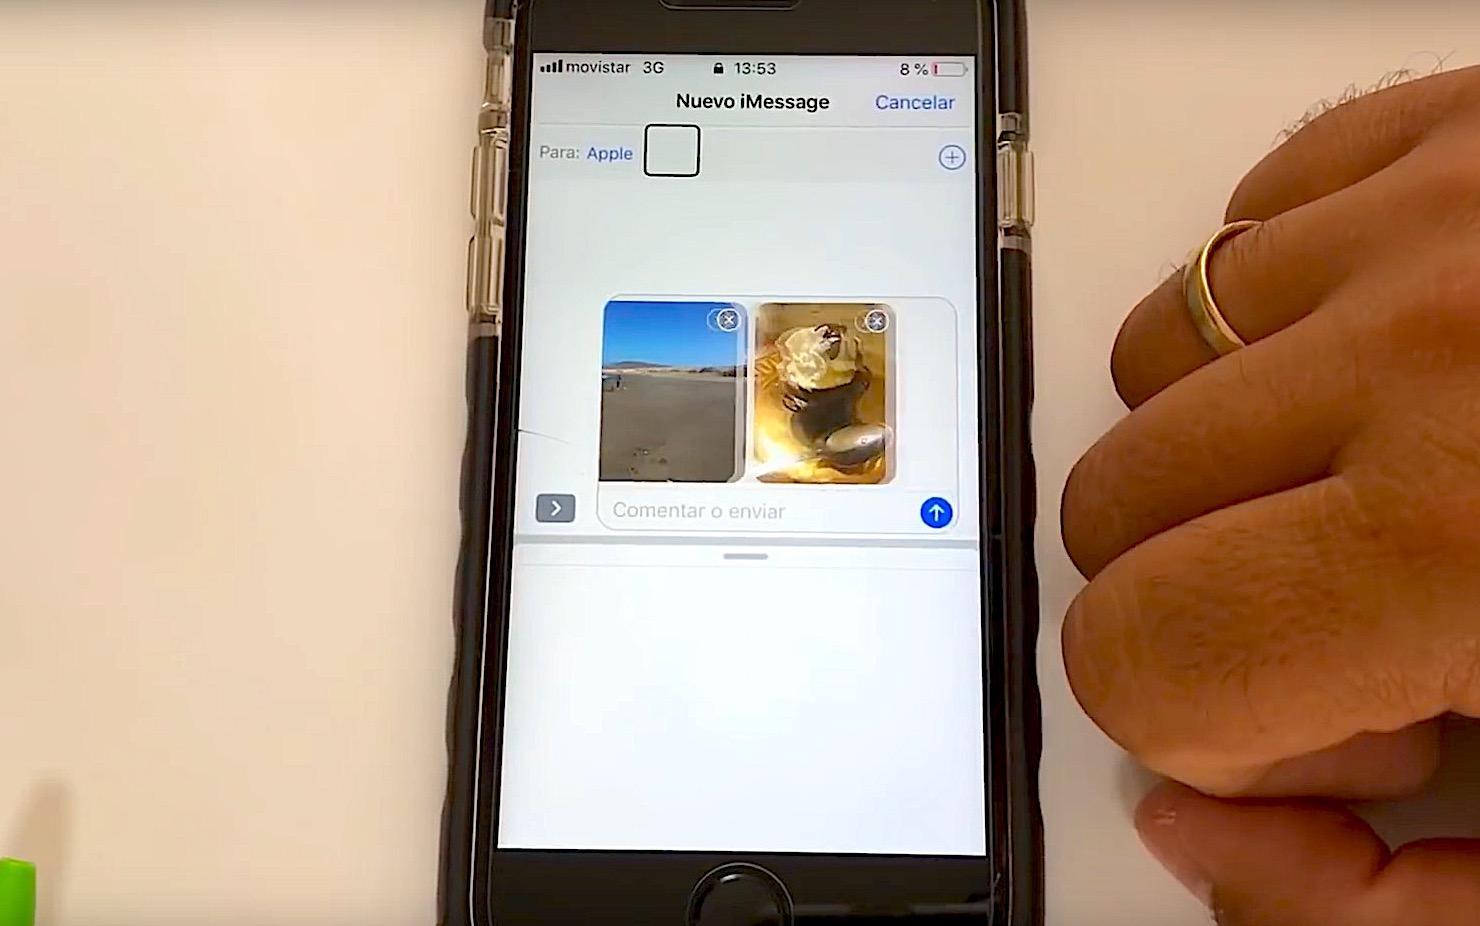 Pendant deux ans, des hackers ont réussi à espionner les propriétaires d'un iPhone à leur insu.